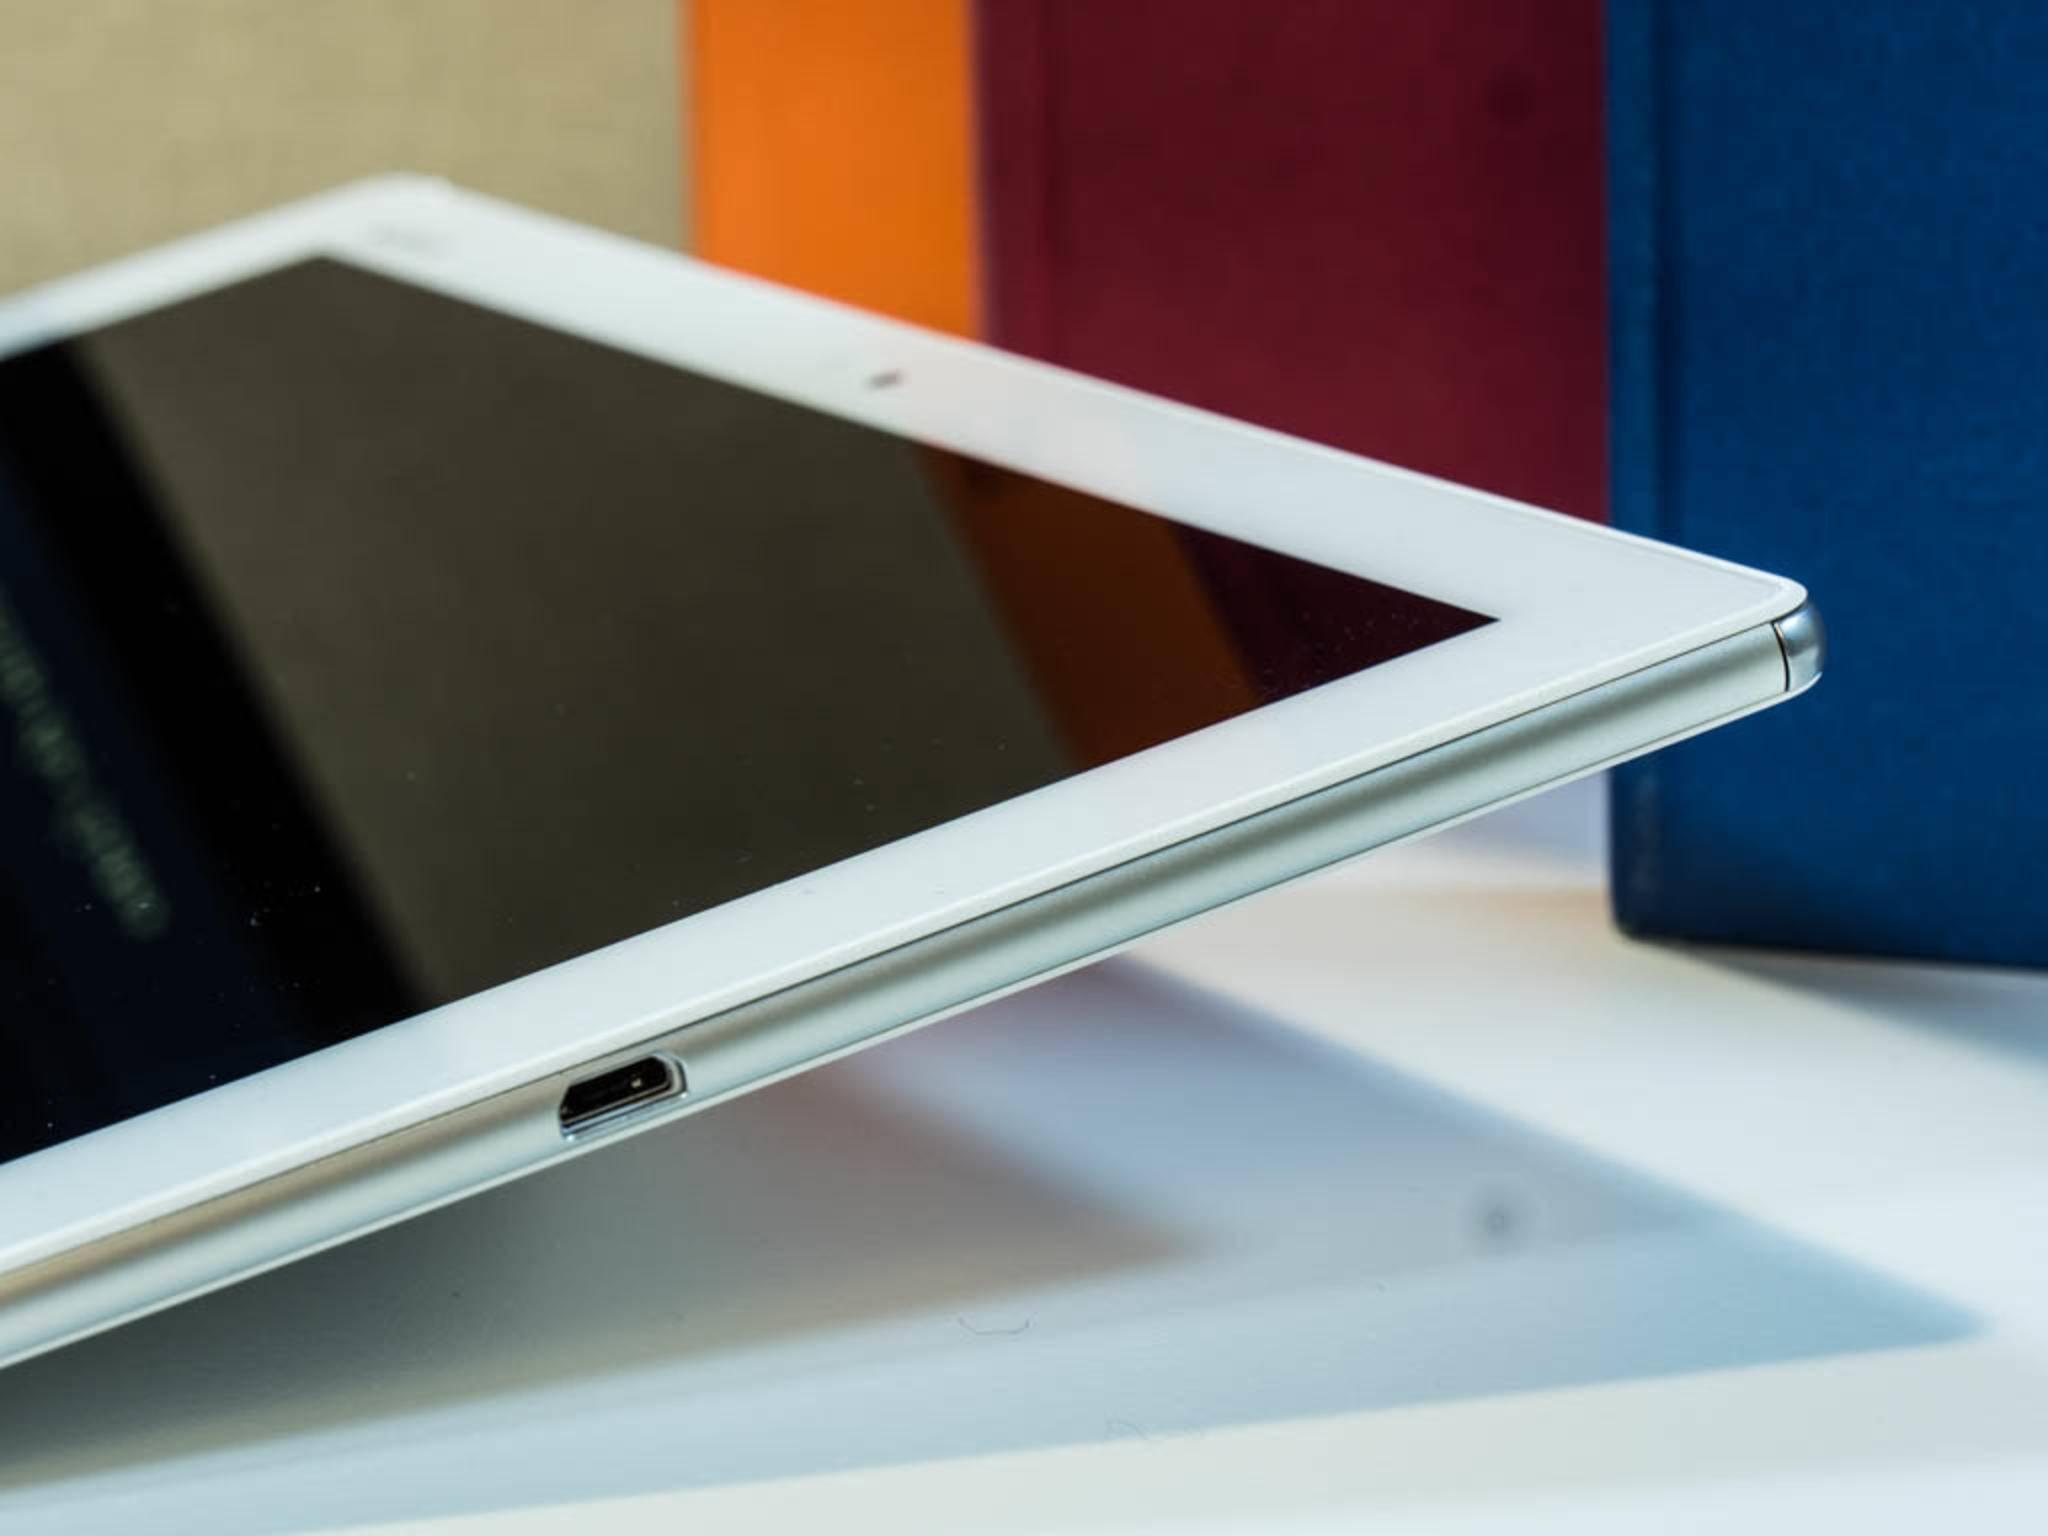 Dein Tablet geht nicht mehr an? 4 Tipps zur Problemlösung